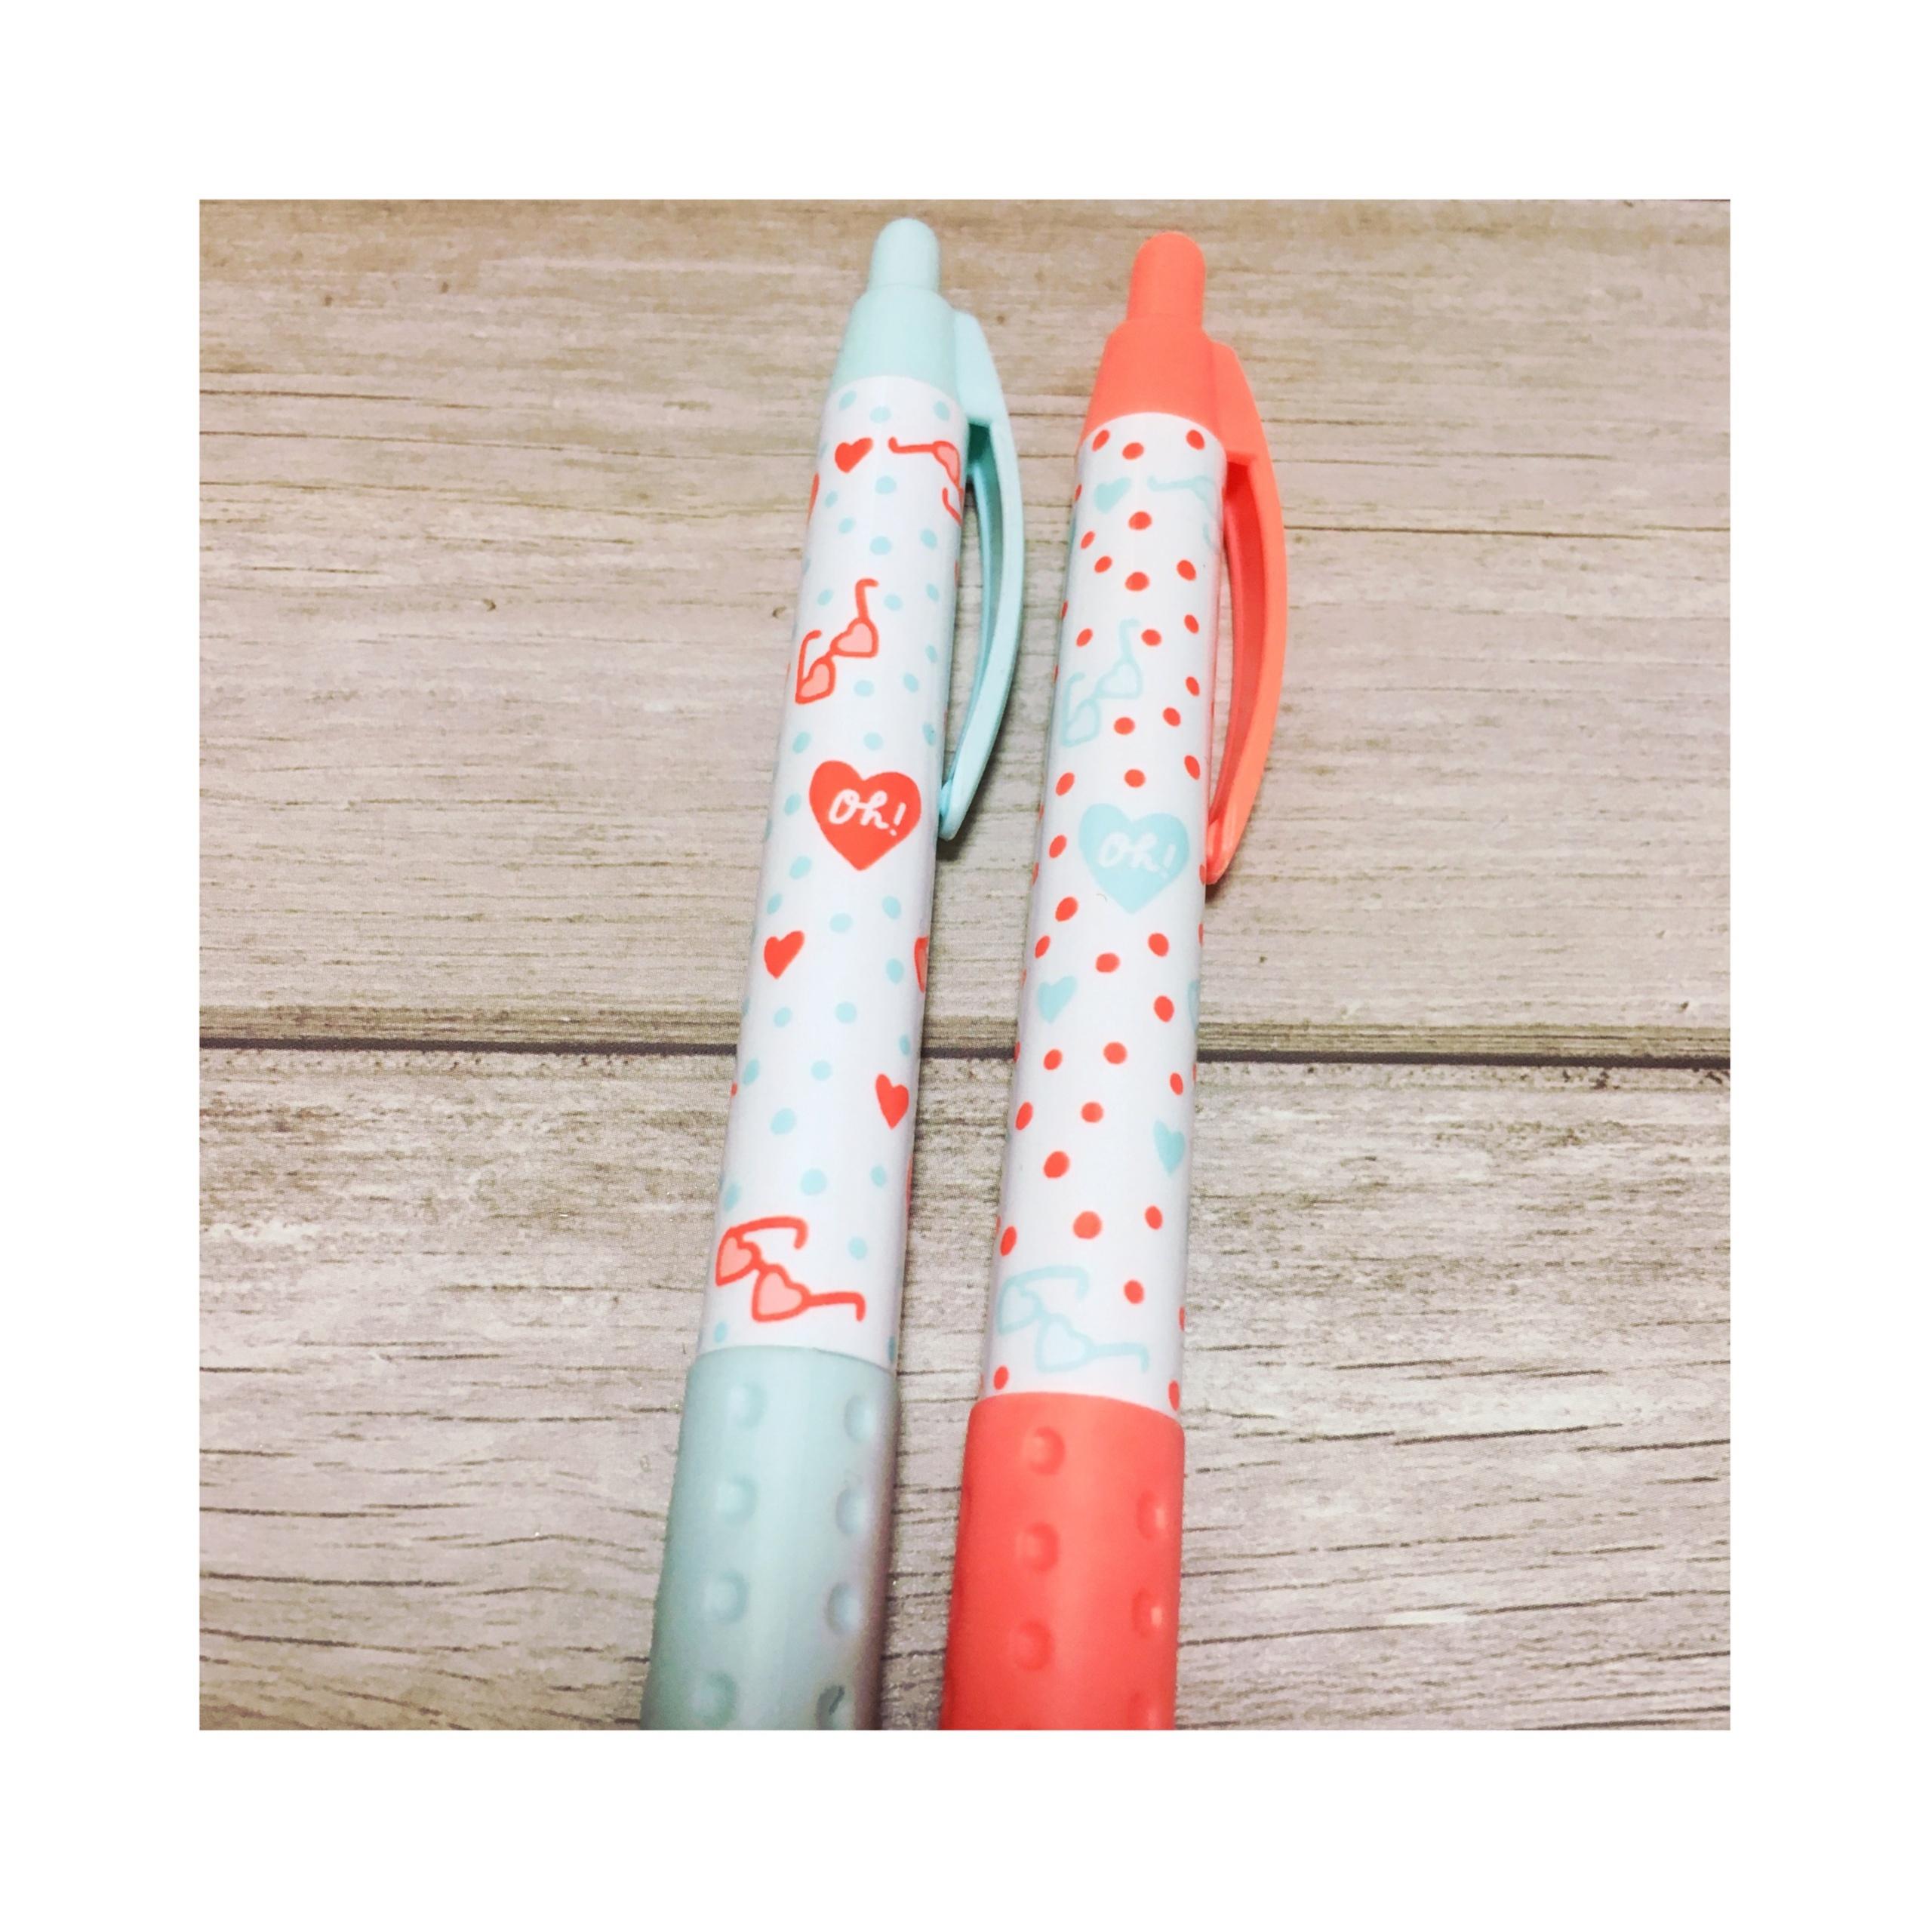 《オフィス用品も夏仕様にチェンジ★》【DAISO】で見つけたボールペンがかわいい!❤️_3